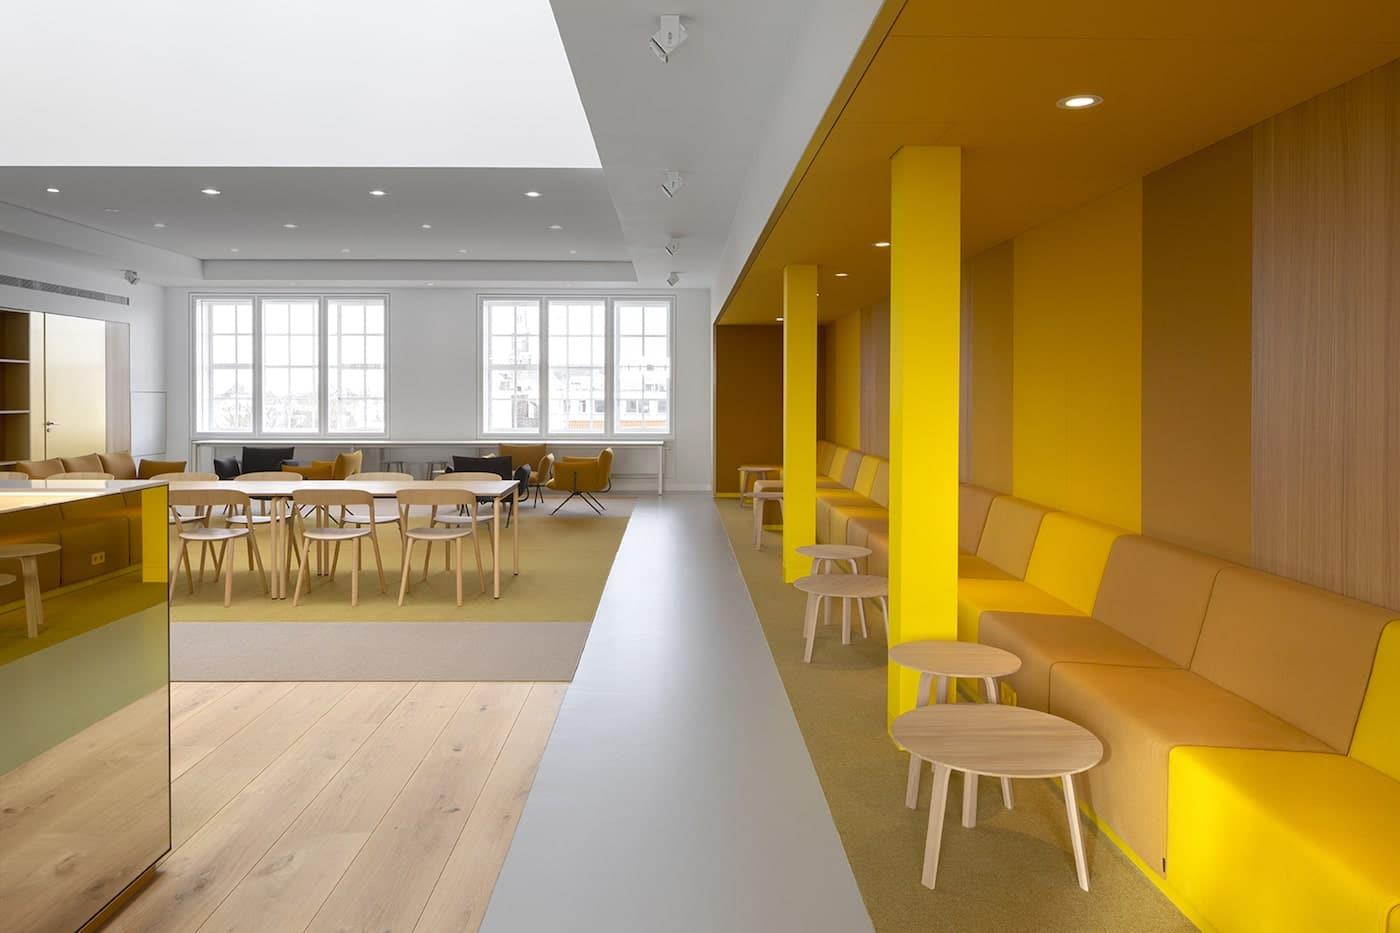 Felix Meritis yellow wall panelling